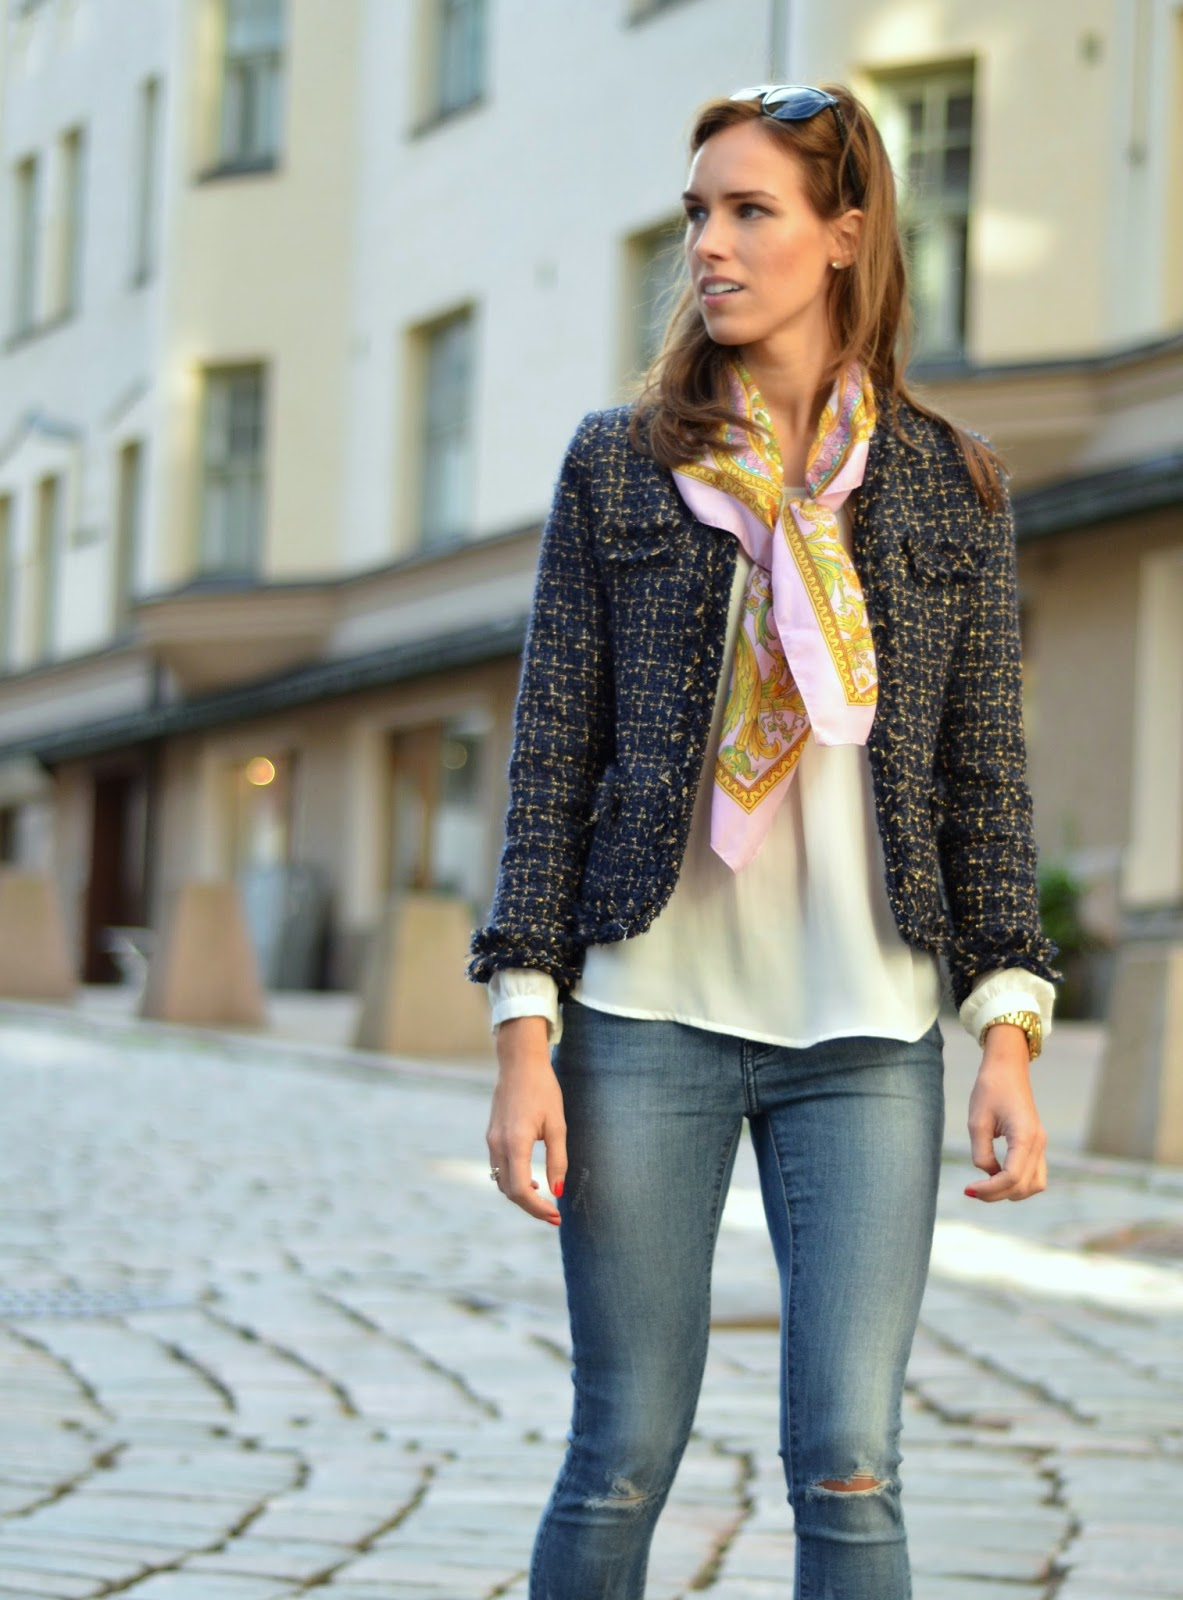 tweed-jacket-silk-scart-white-top-jeans